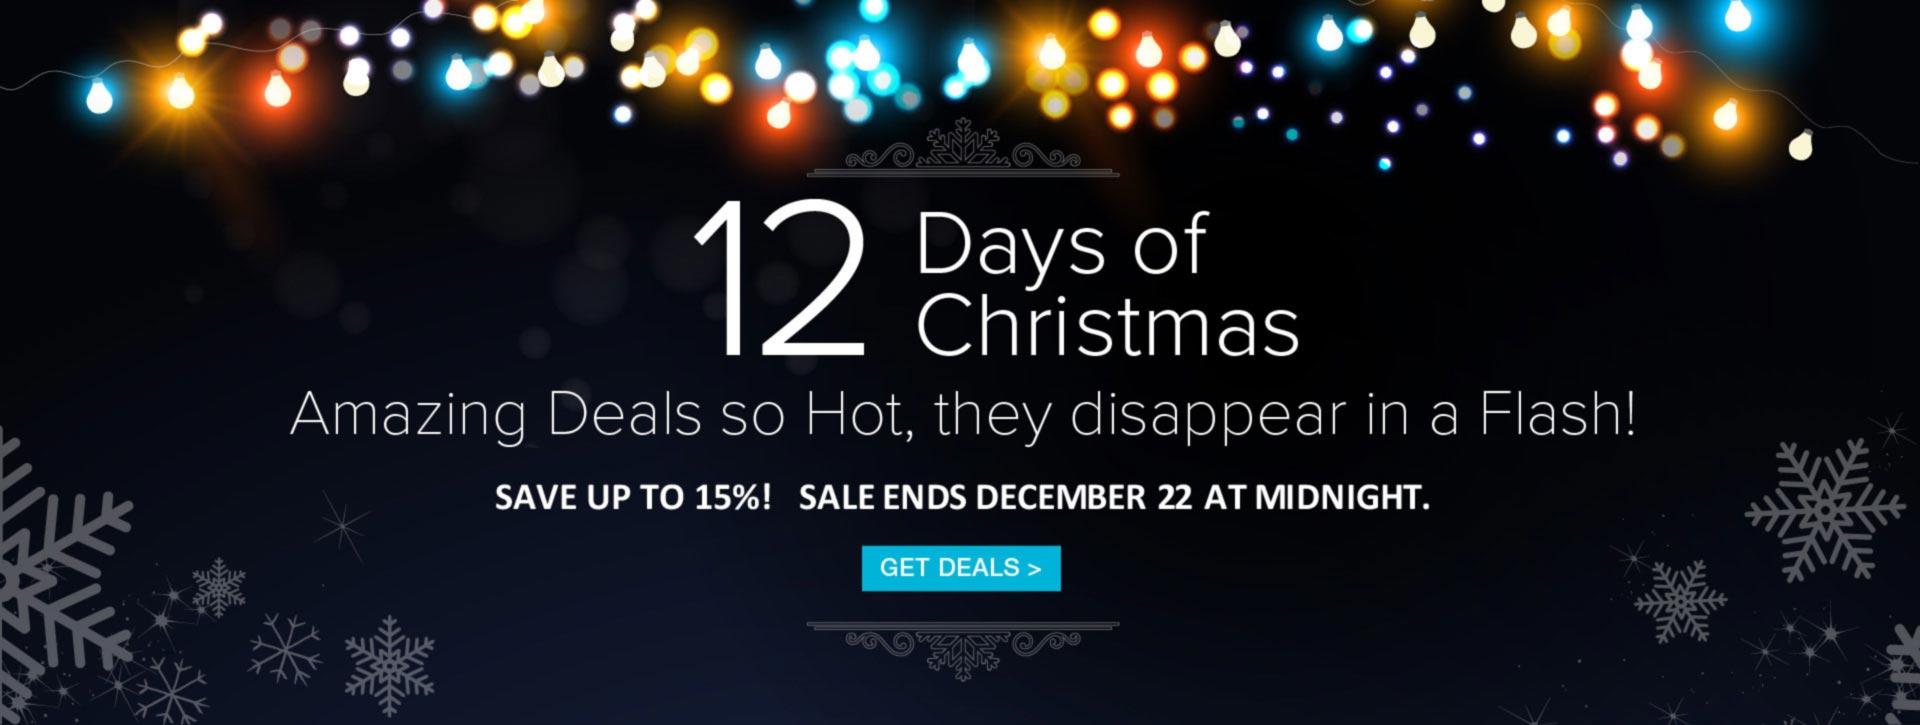 12 days of xmas sale